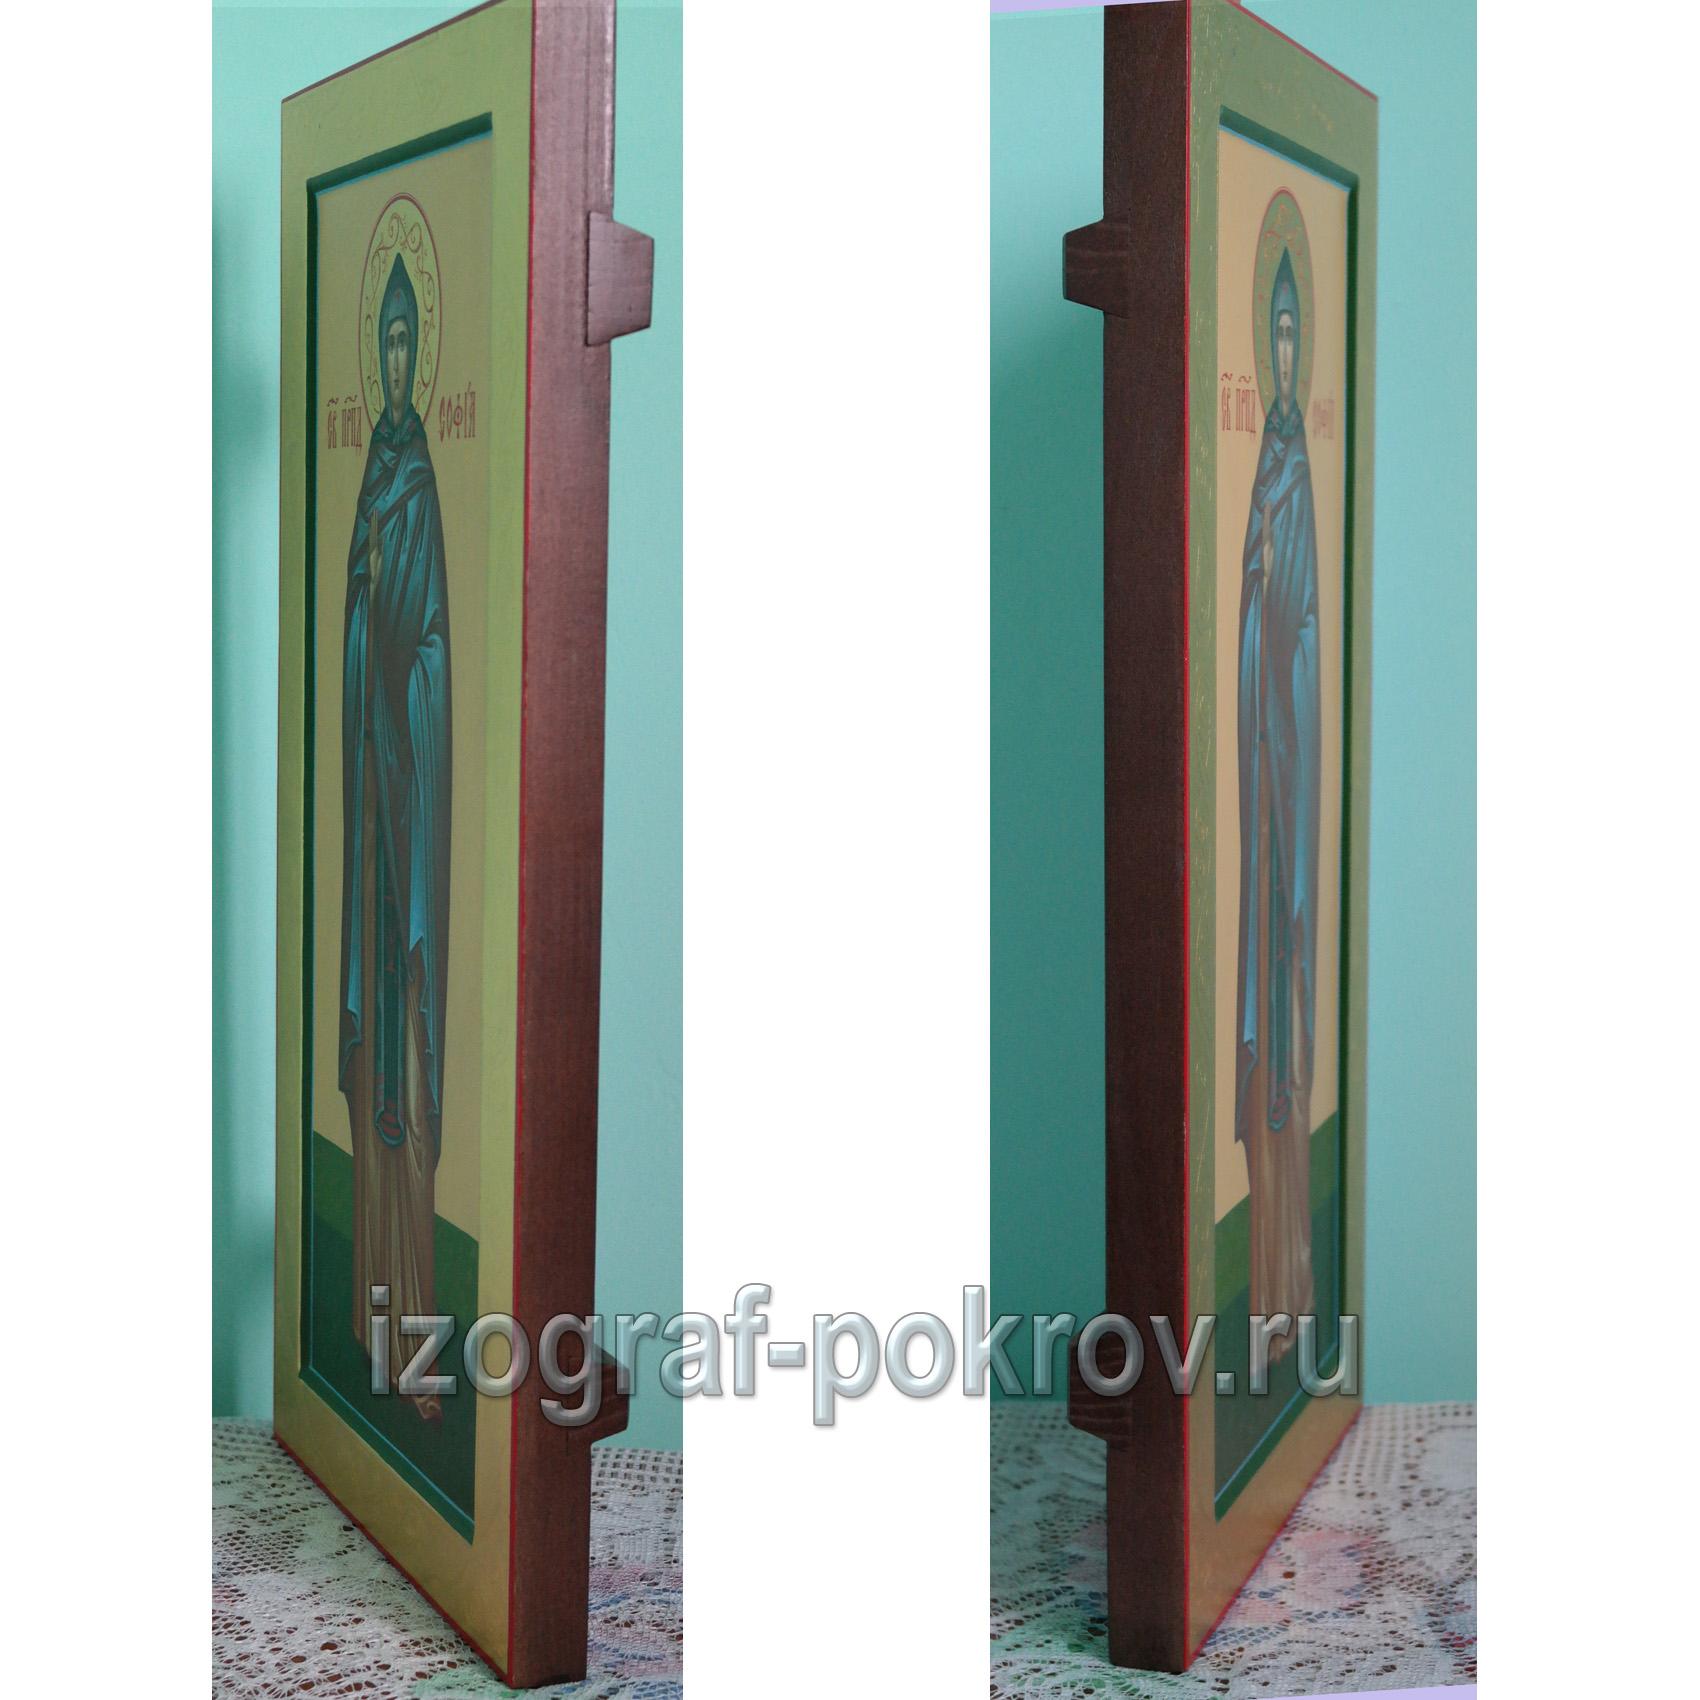 Мерная икона св. София Суздальская вид боку